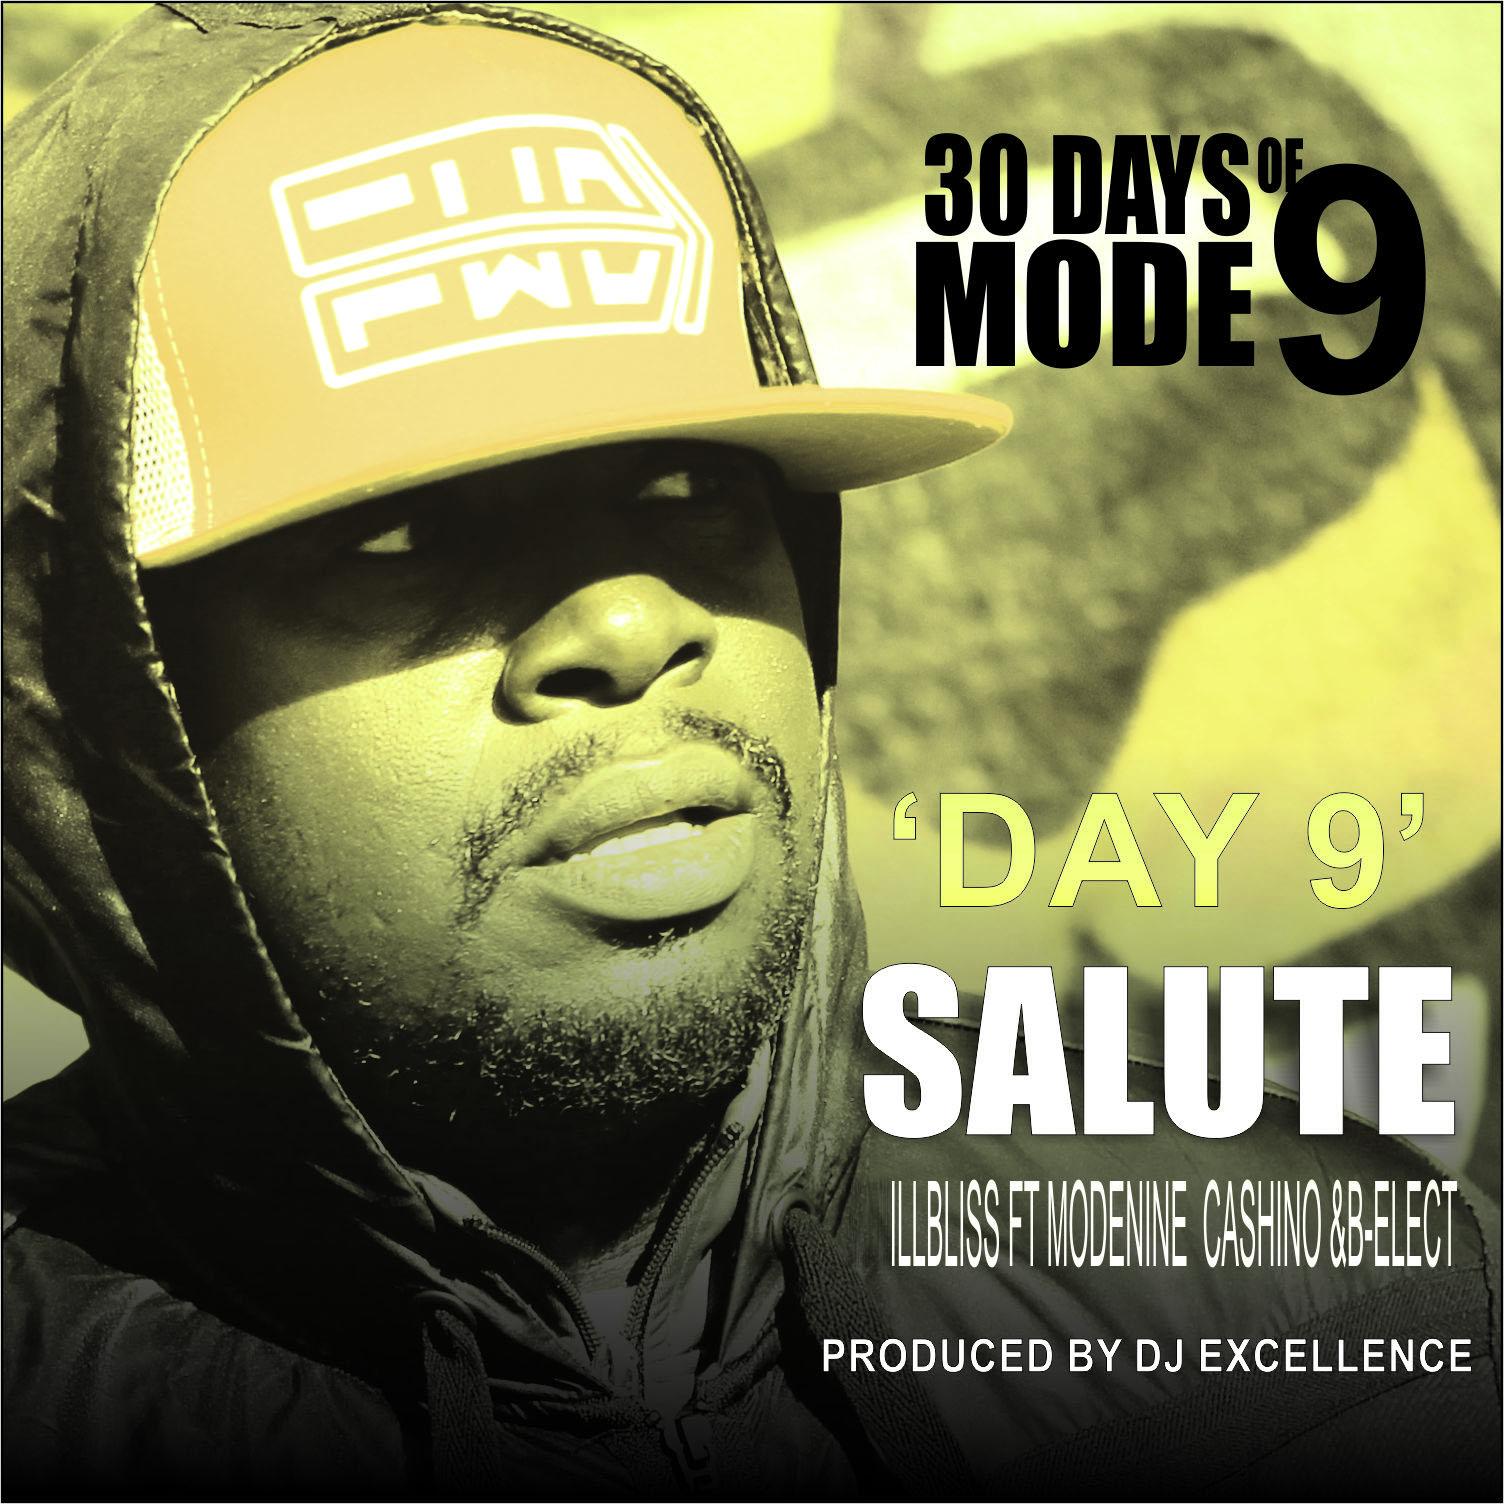 #30DaysOfModenine Day 9 - Modenine